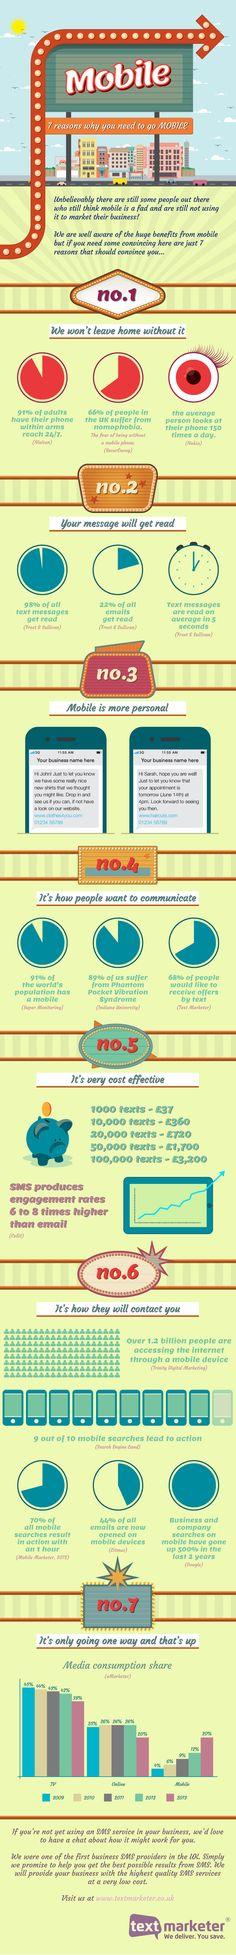 Infográfico: 7 motivos para as marcas investirem em mobile